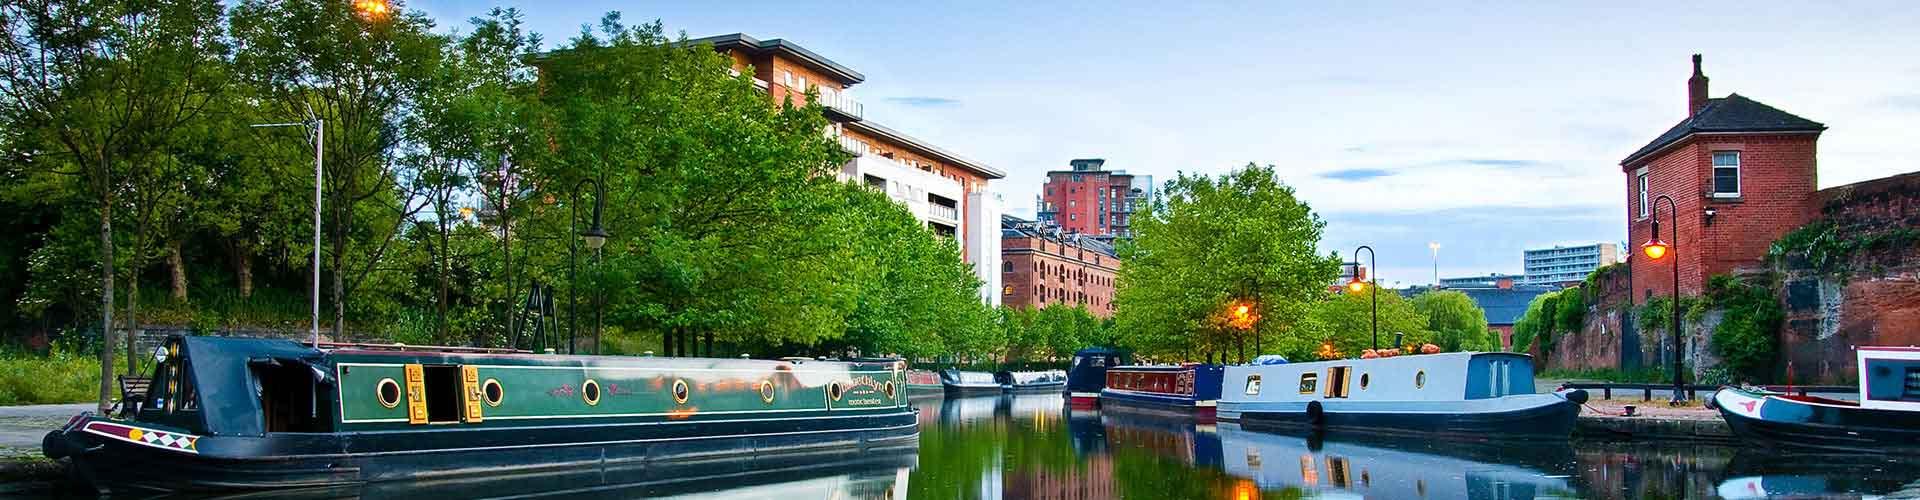 曼彻斯特 – Ancoats区的青年旅馆。曼彻斯特 地图,曼彻斯特 每间青年旅馆的照片和评分。